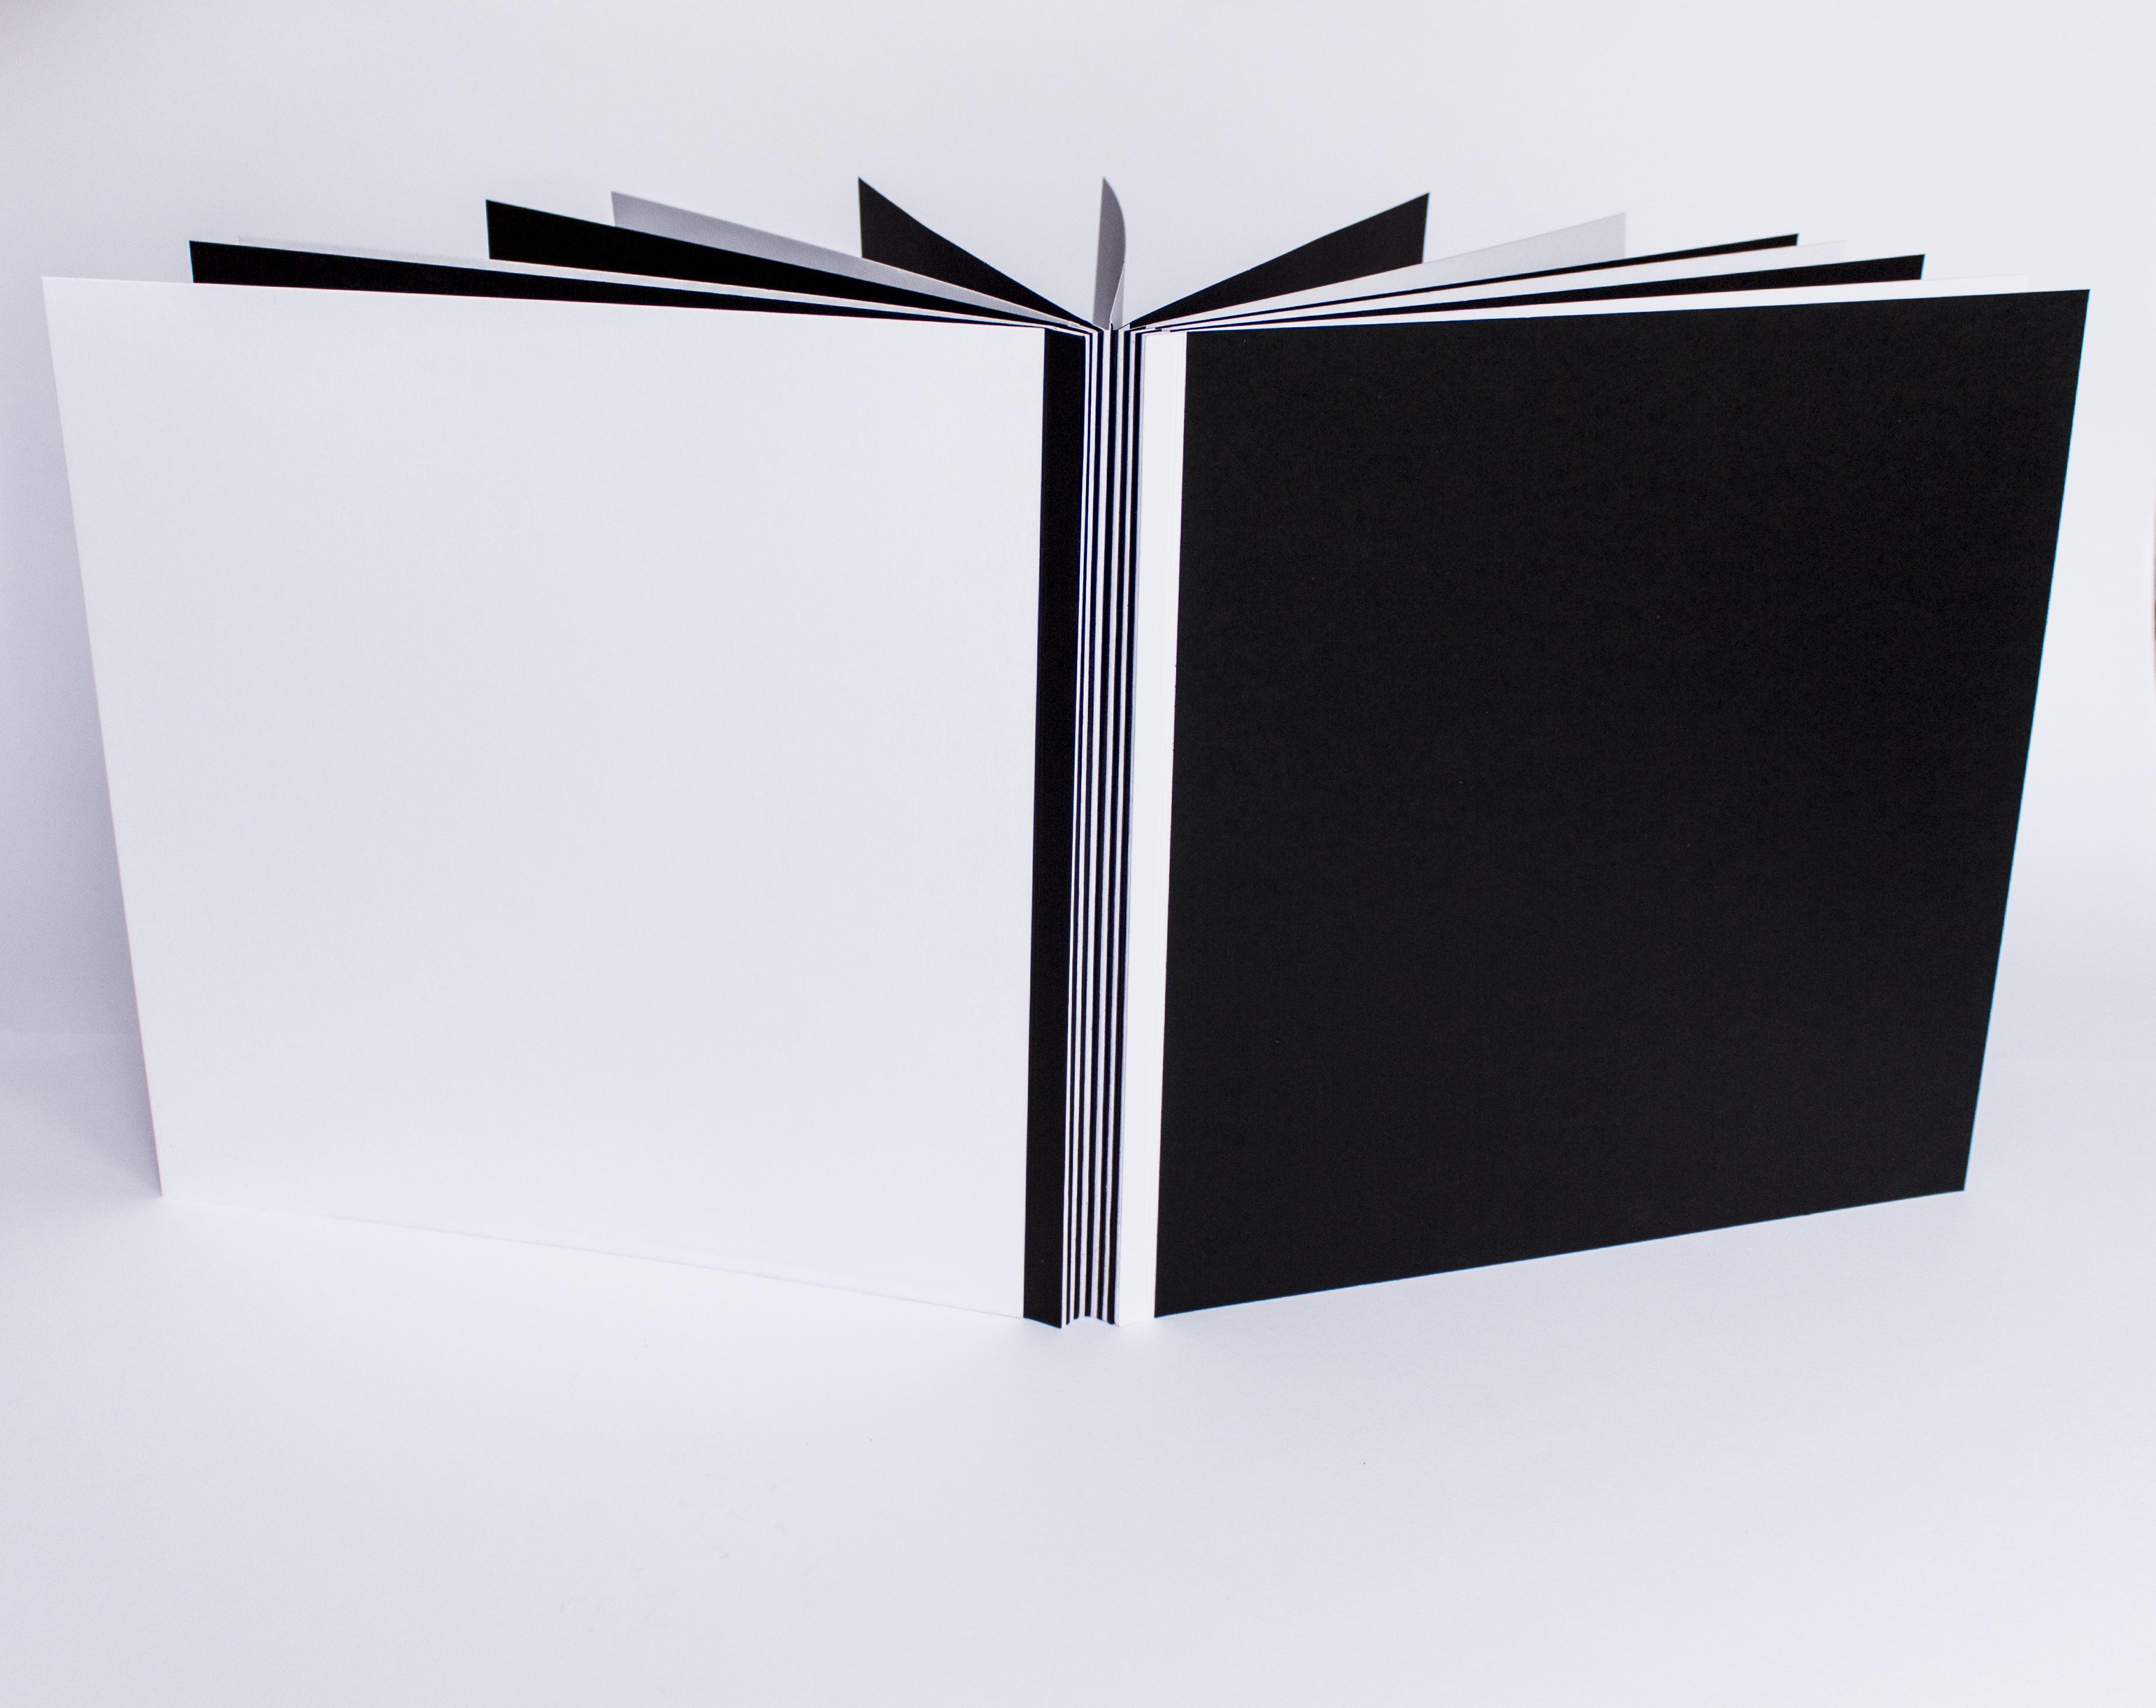 černobílé fotoalbum